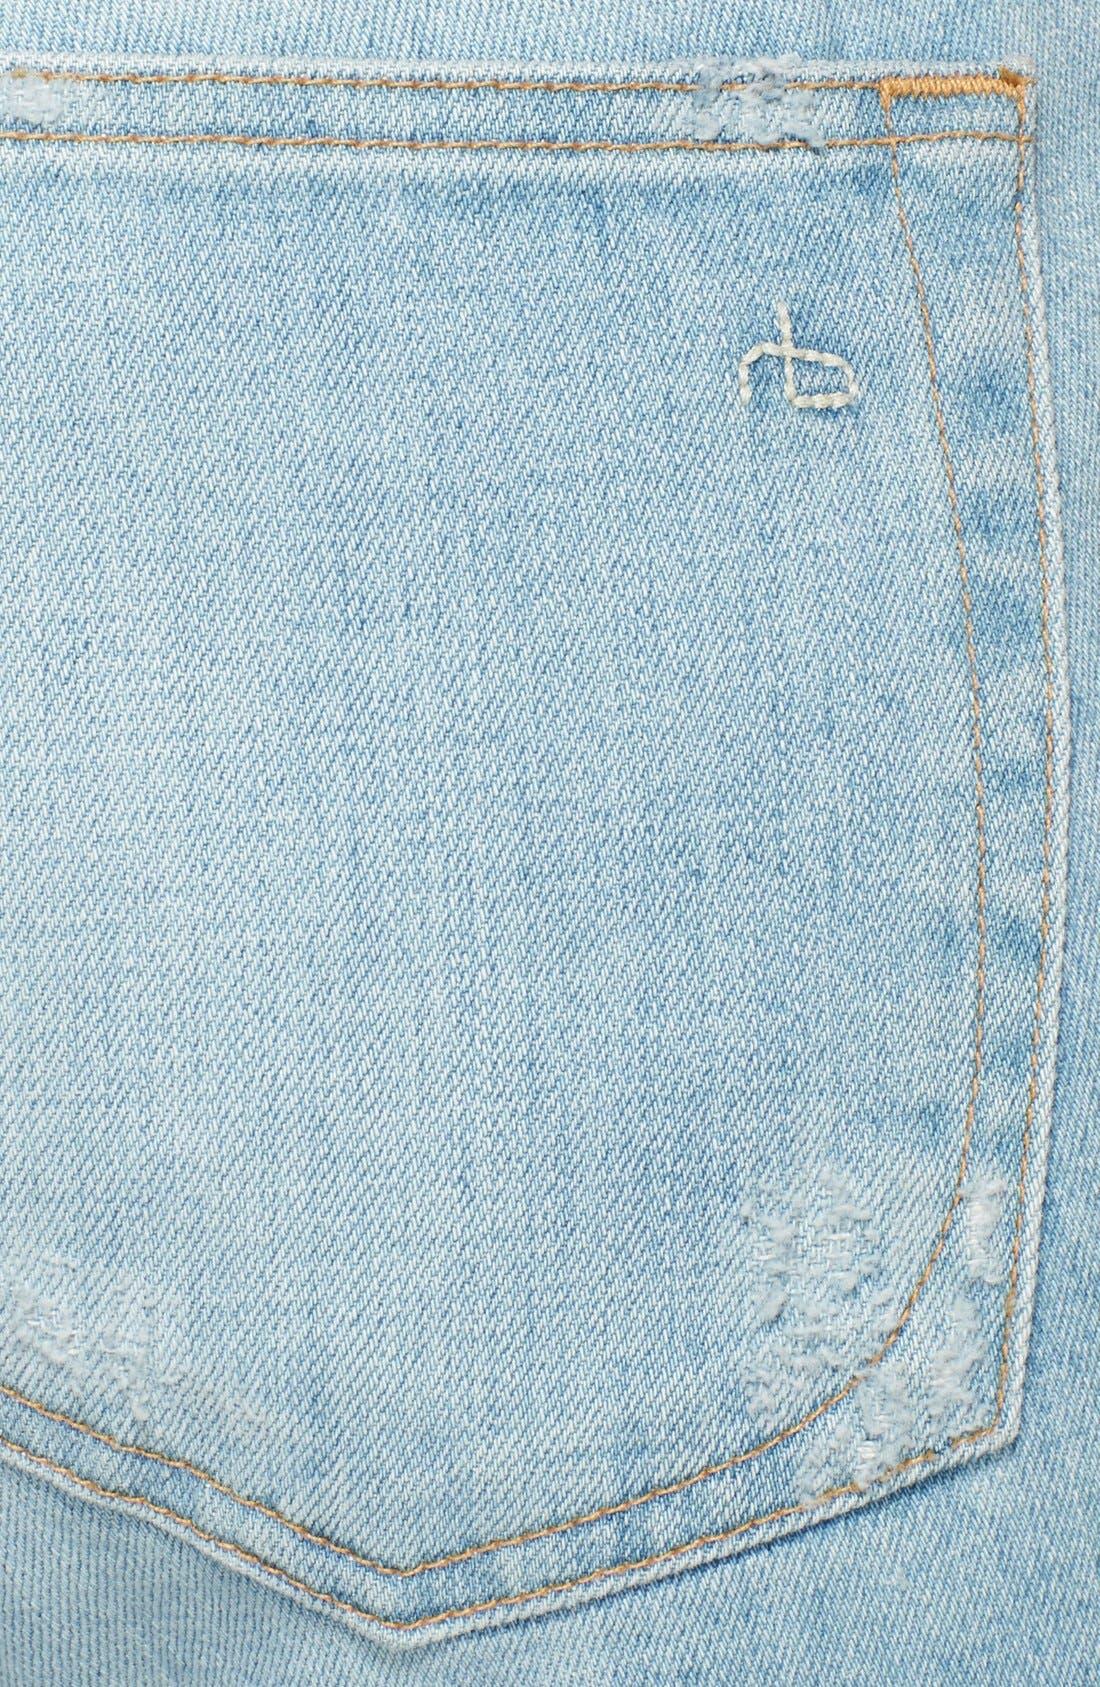 ,                             /JEAN 'The Dre' Destructed Jeans,                             Alternate thumbnail 2, color,                             400